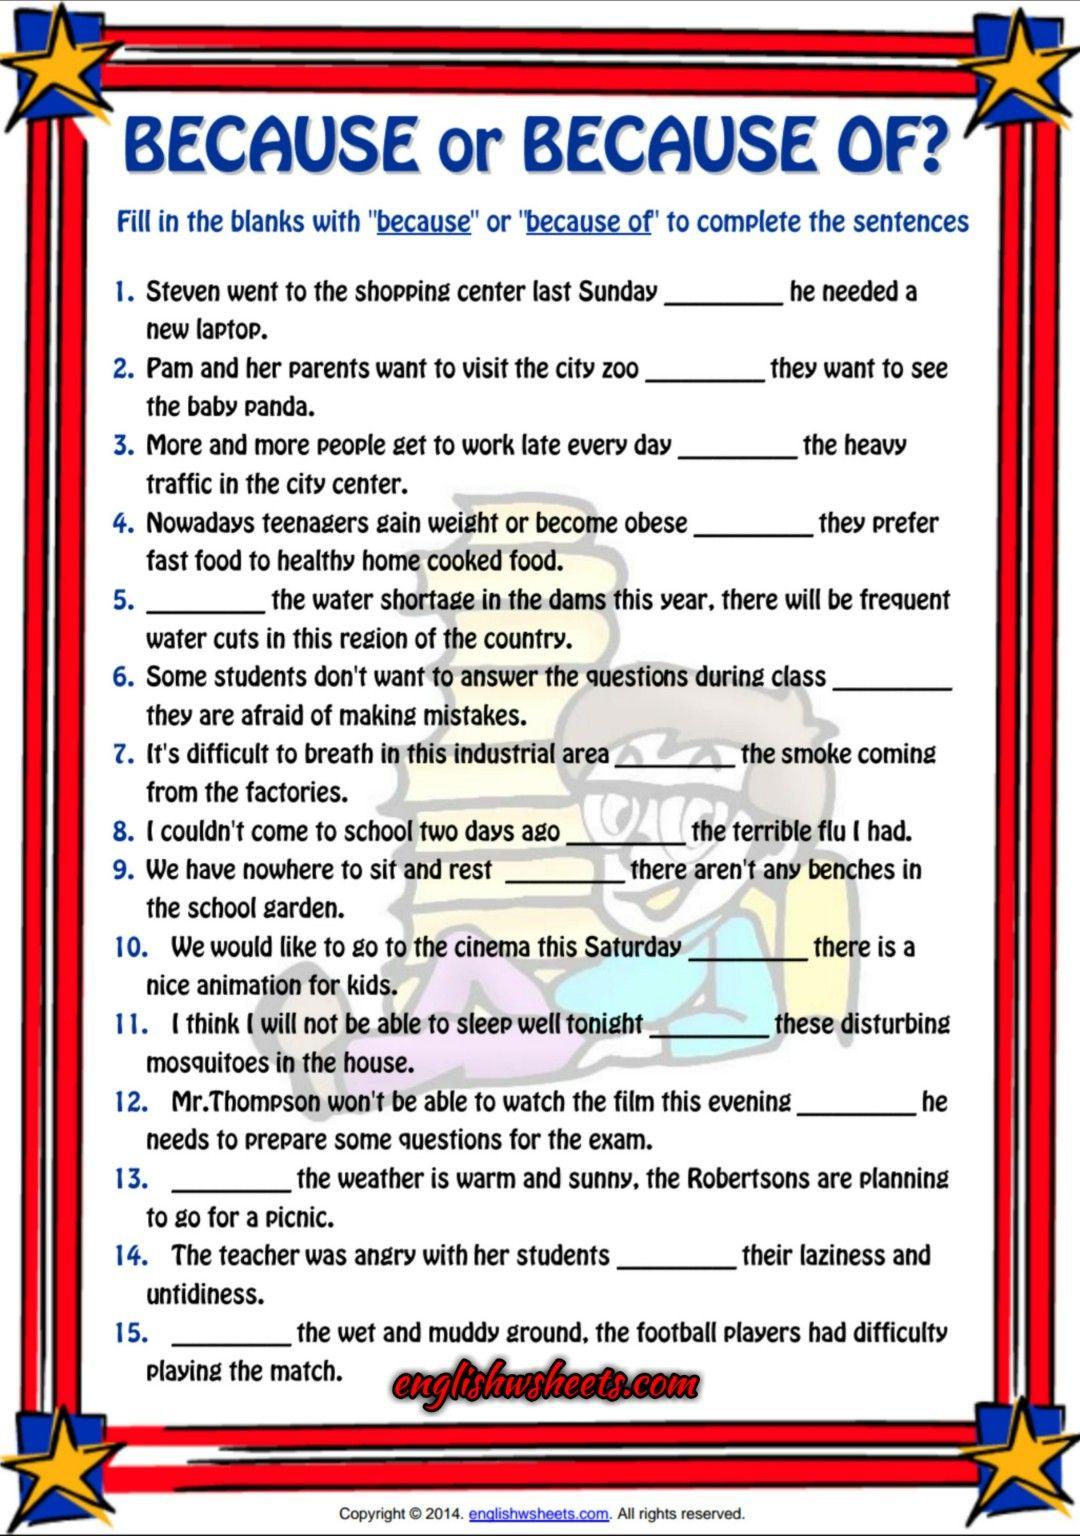 Workbooks shopping worksheets esl : Because or Because of ESL Grammar Exercise Worksheet | Esl ...